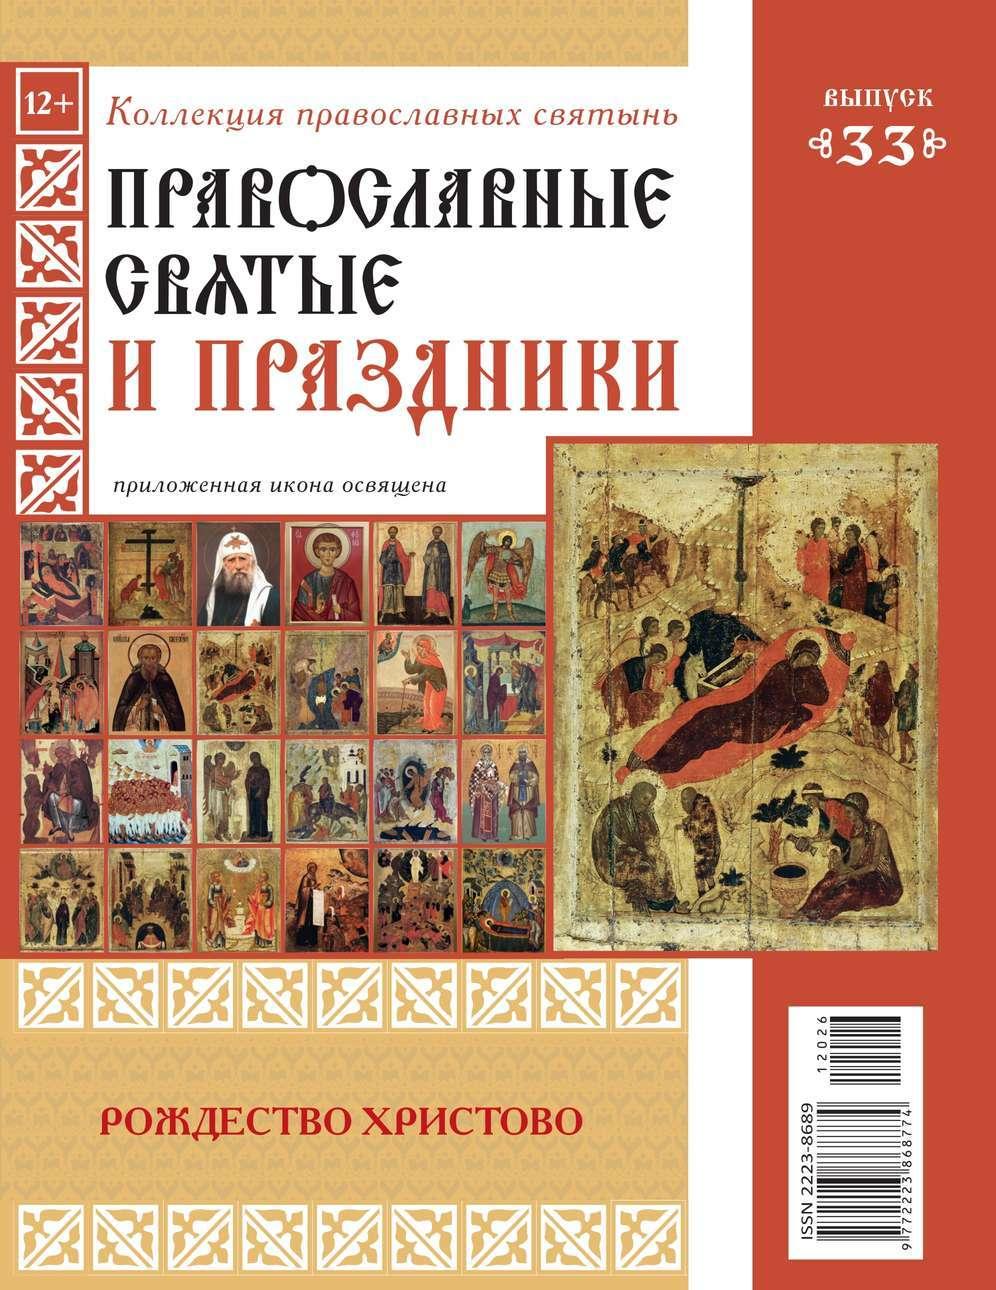 Коллекция Православных Святынь 33